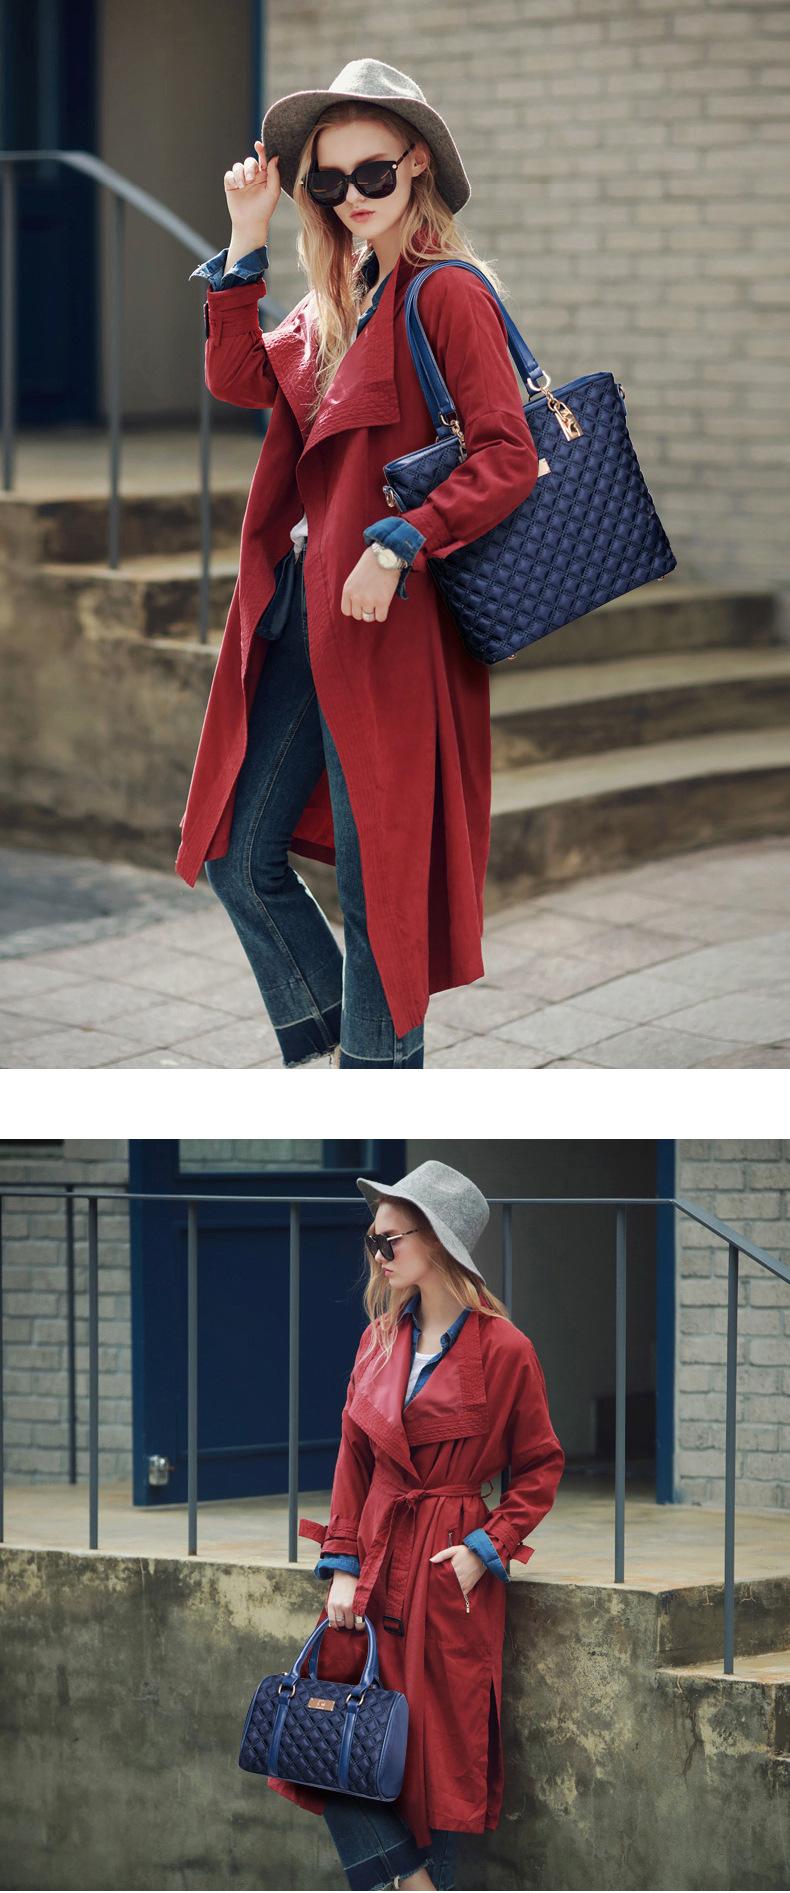 18 Women Bag Set Handbags Shoulder Bags Satchel Clutch Handbag Bolsas Famous Brands Composite Tote Ladies Crossbody Bag 6pcs 12